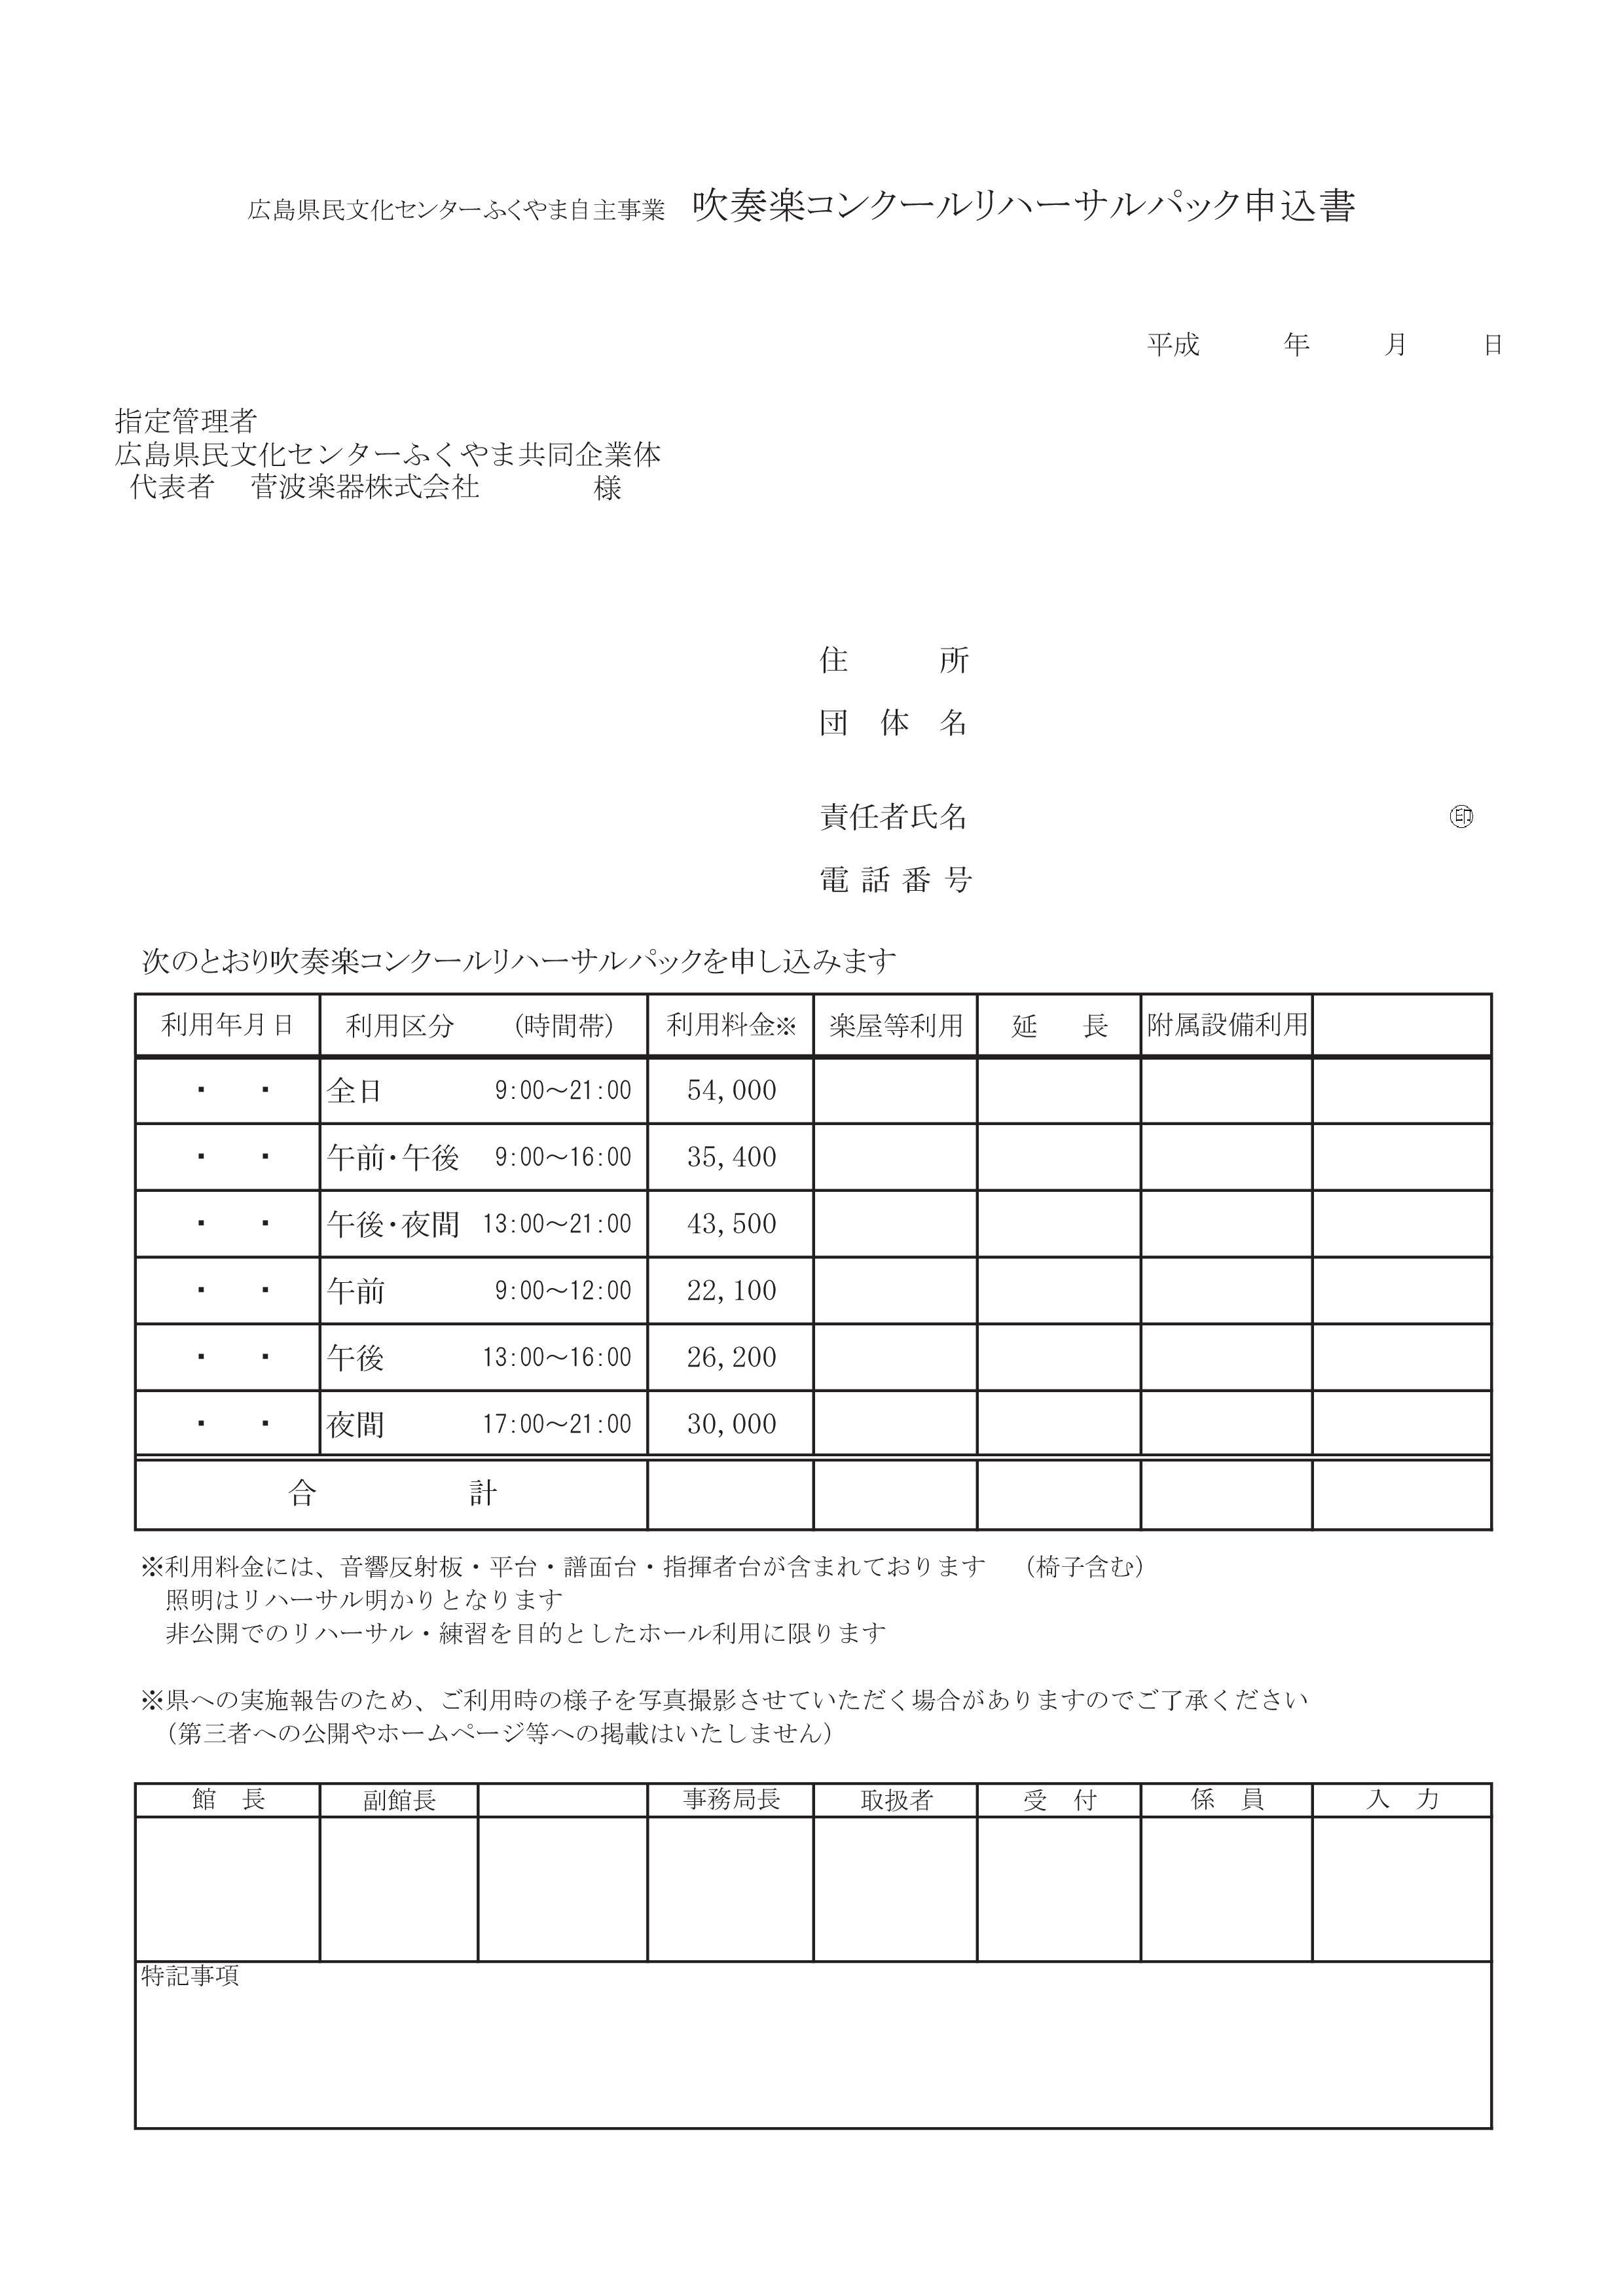 リハーサルパック申込書2017